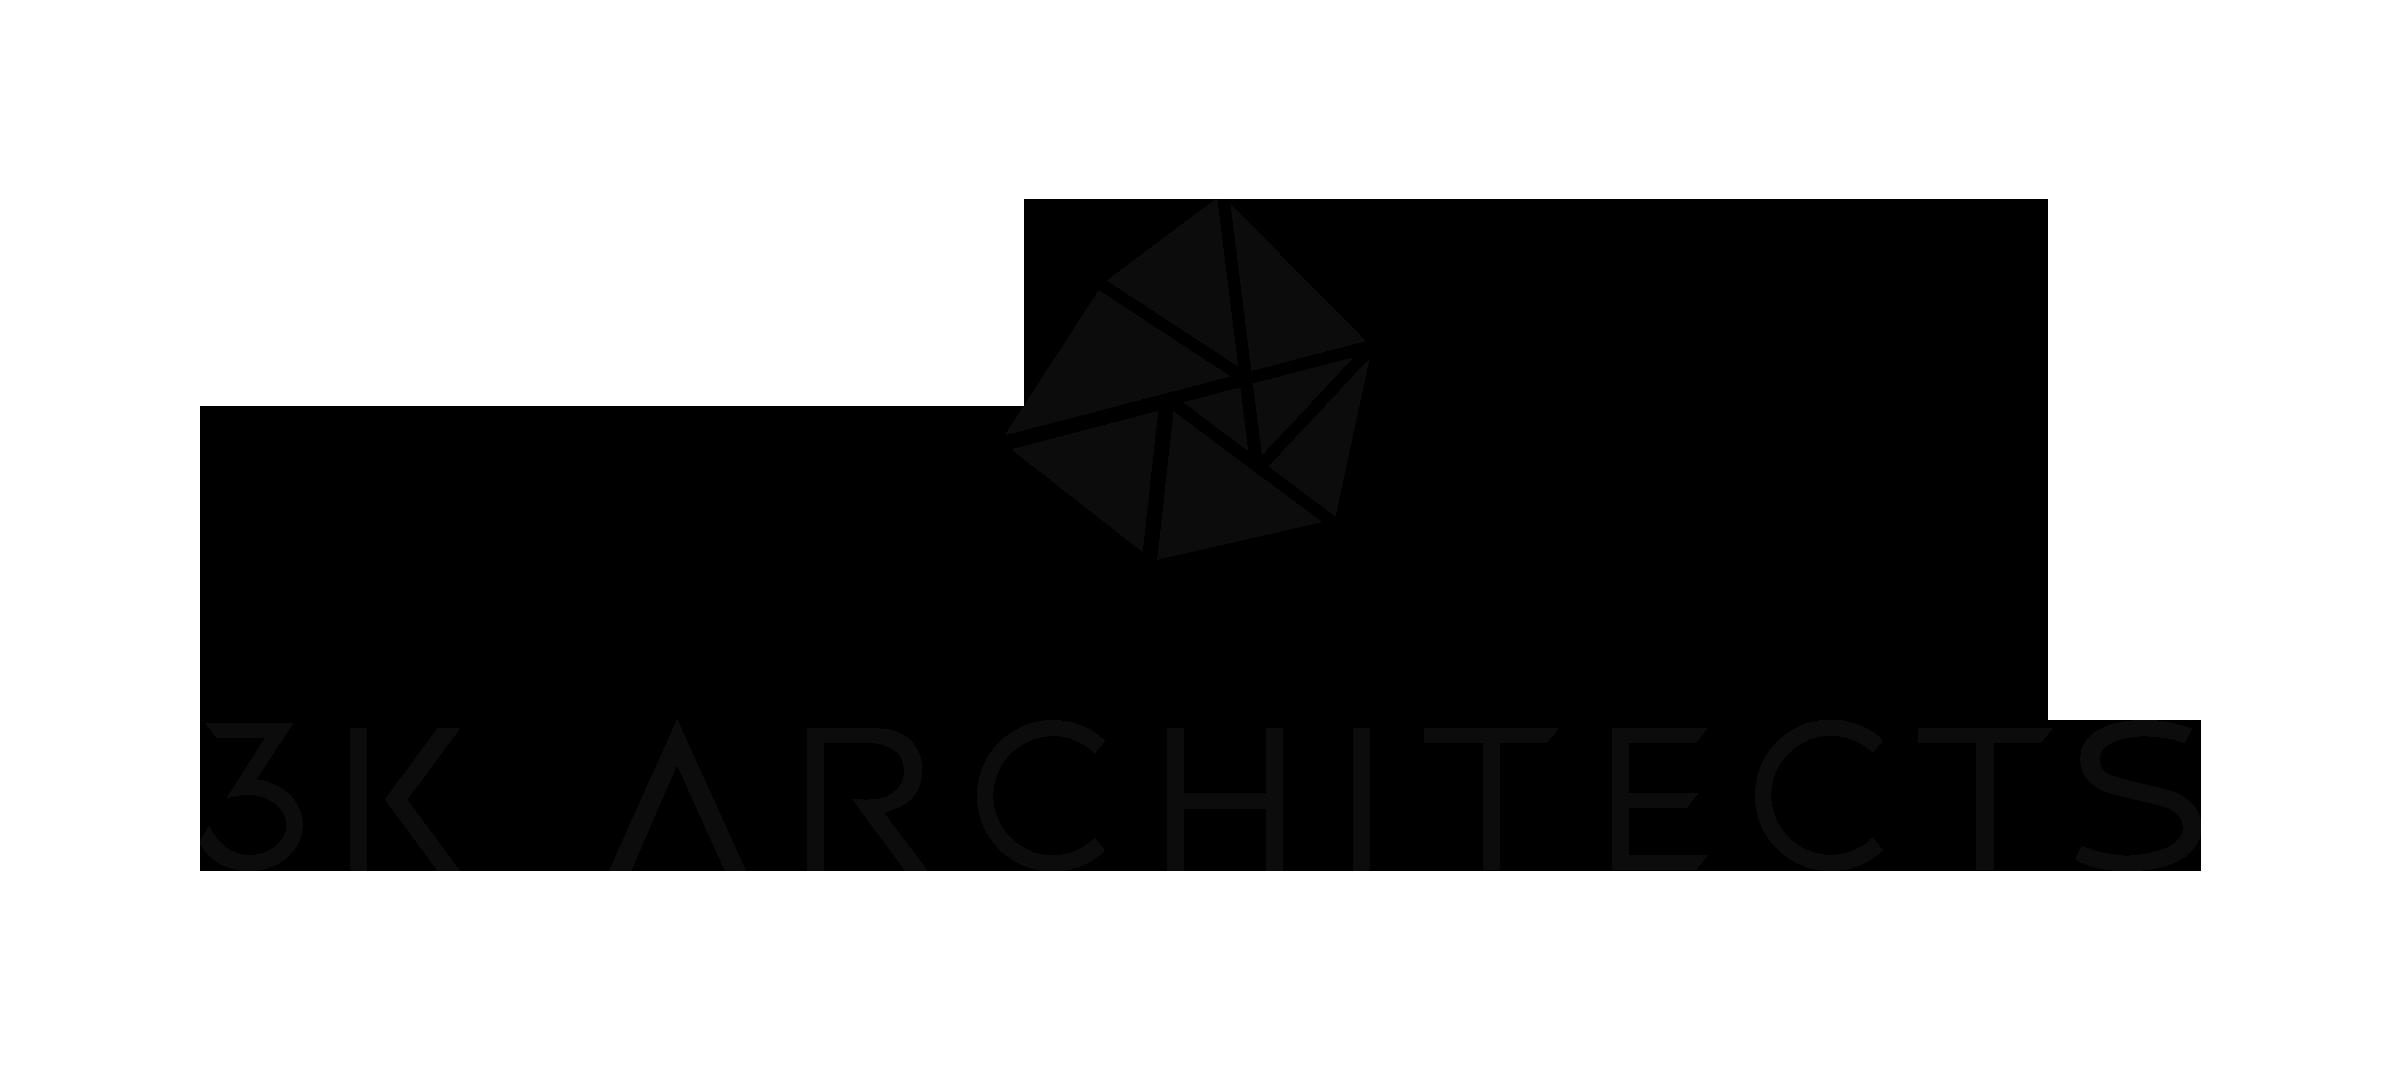 logo-3k_architects-BLACK-300dpi - kopie.